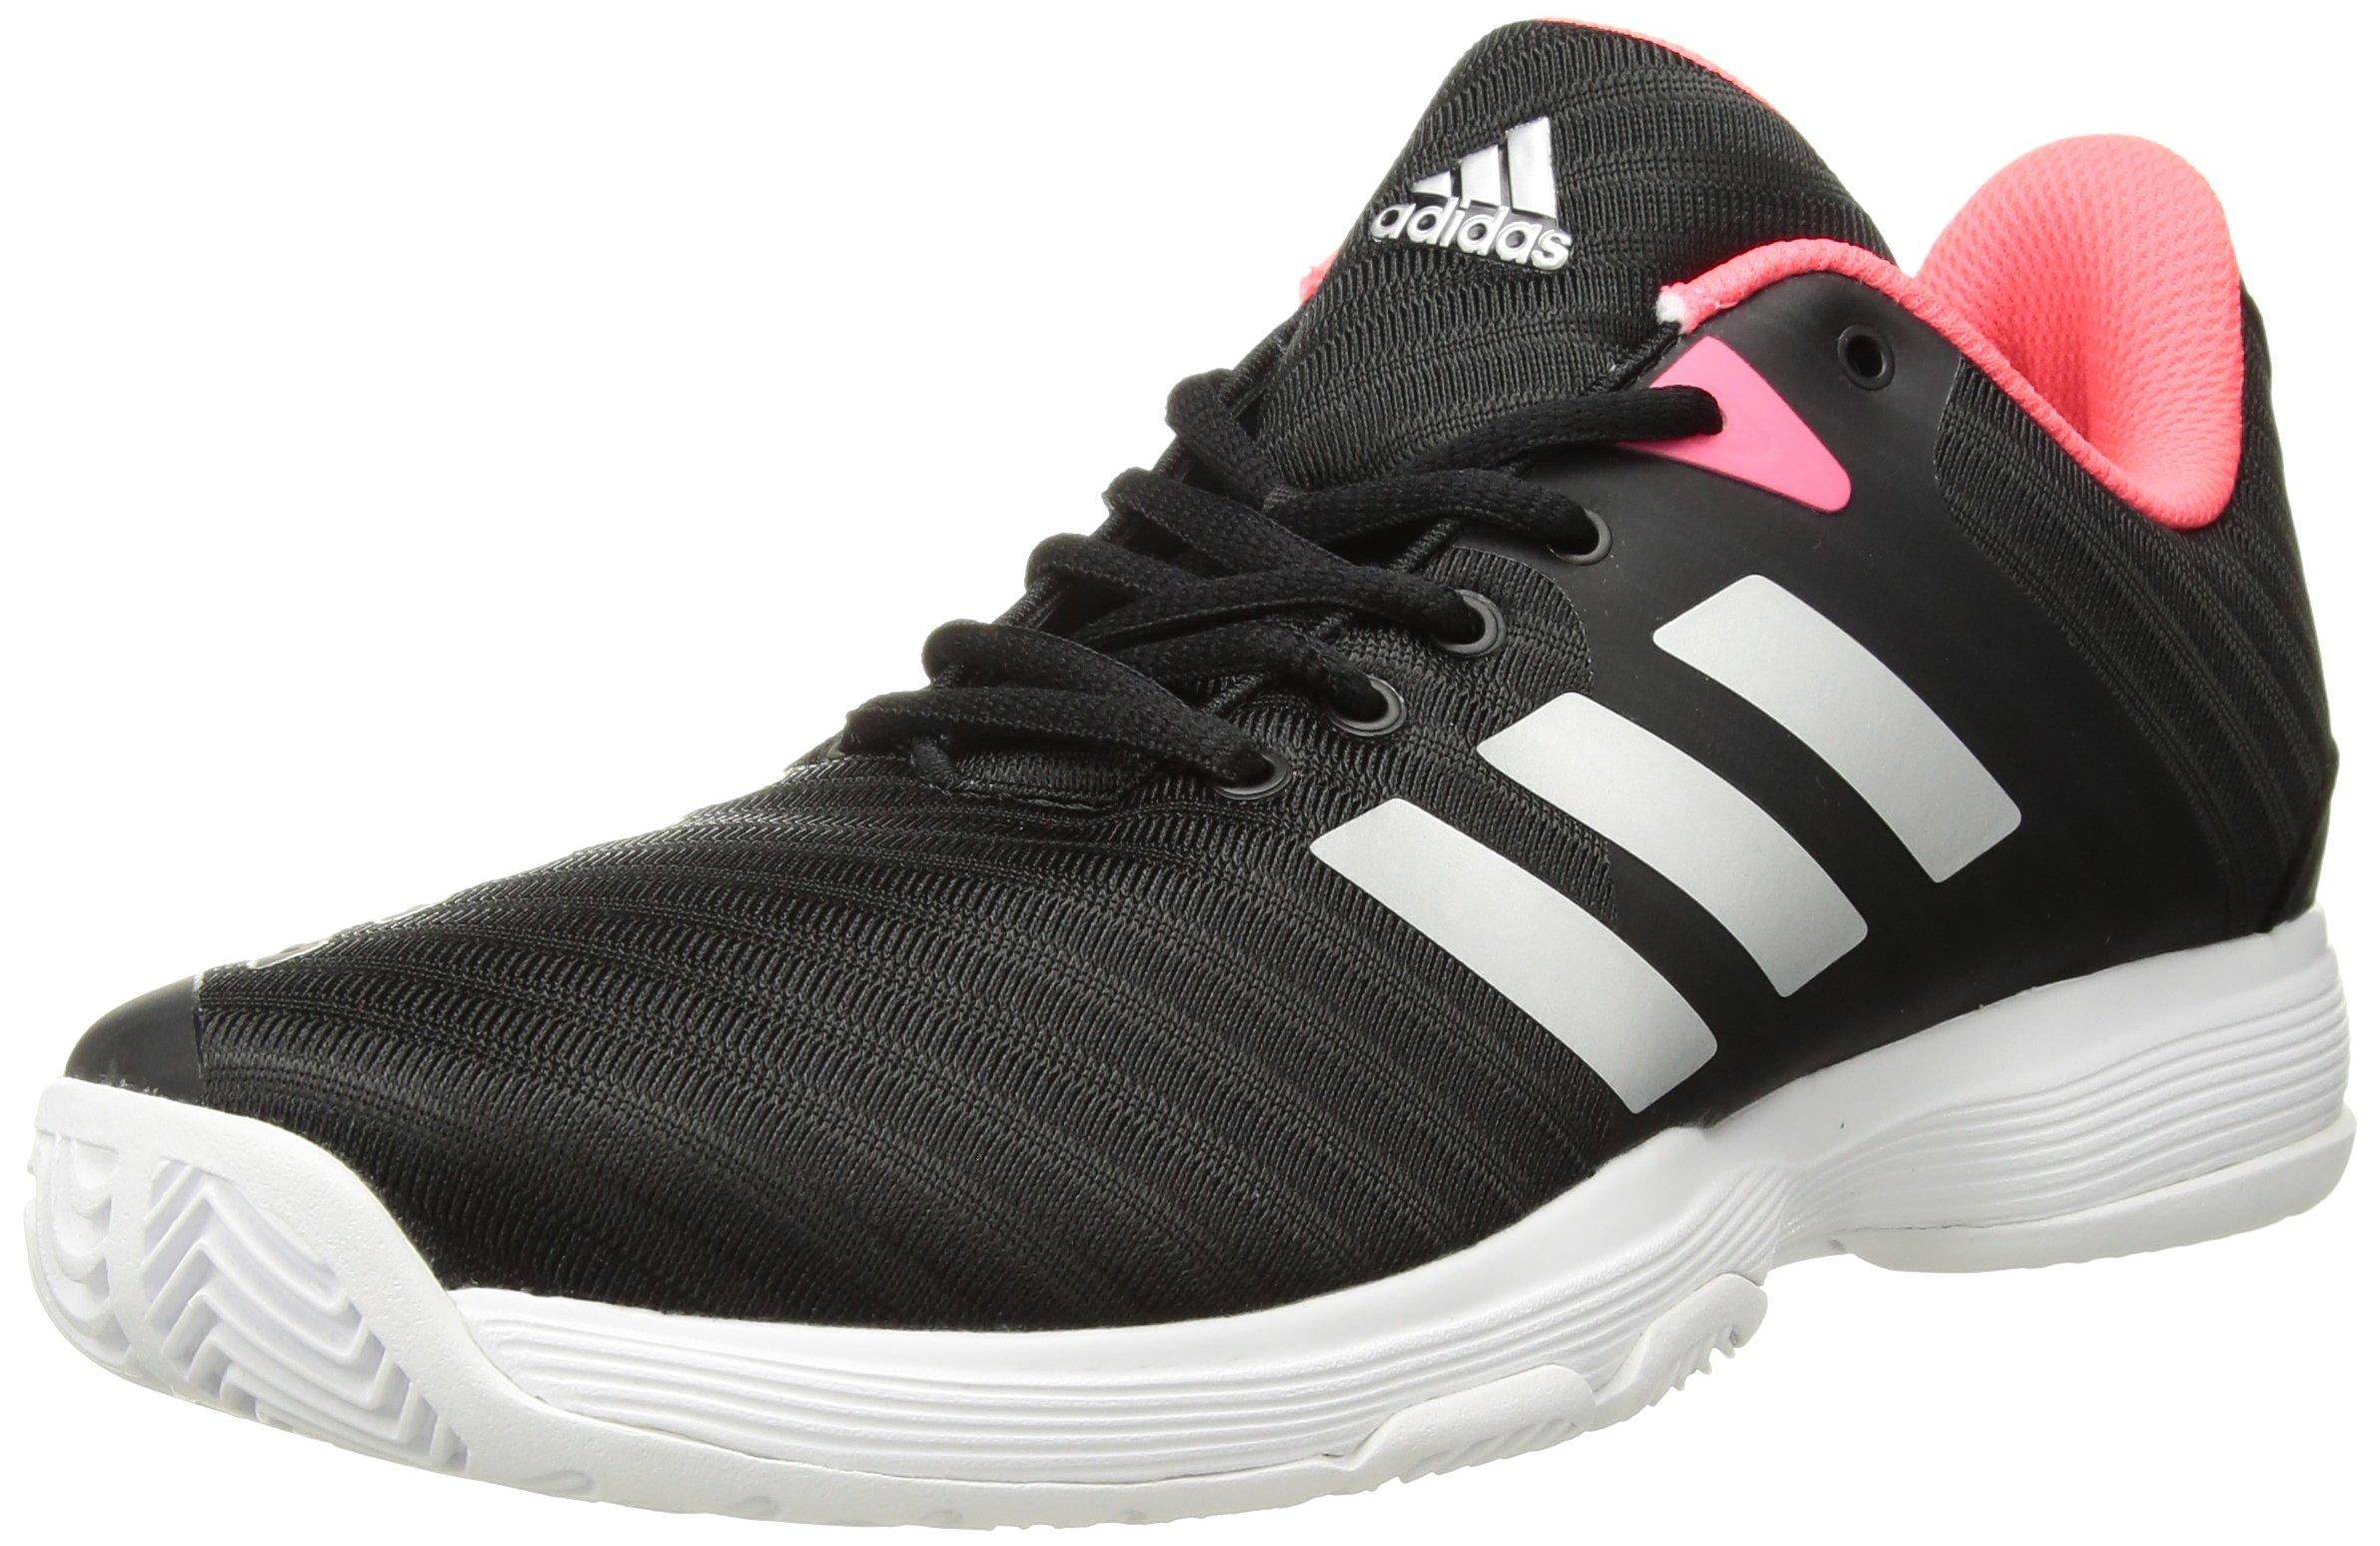 dc934242d1f5e9 Galleon - Adidas Women s Barricade Court Tennis Shoe